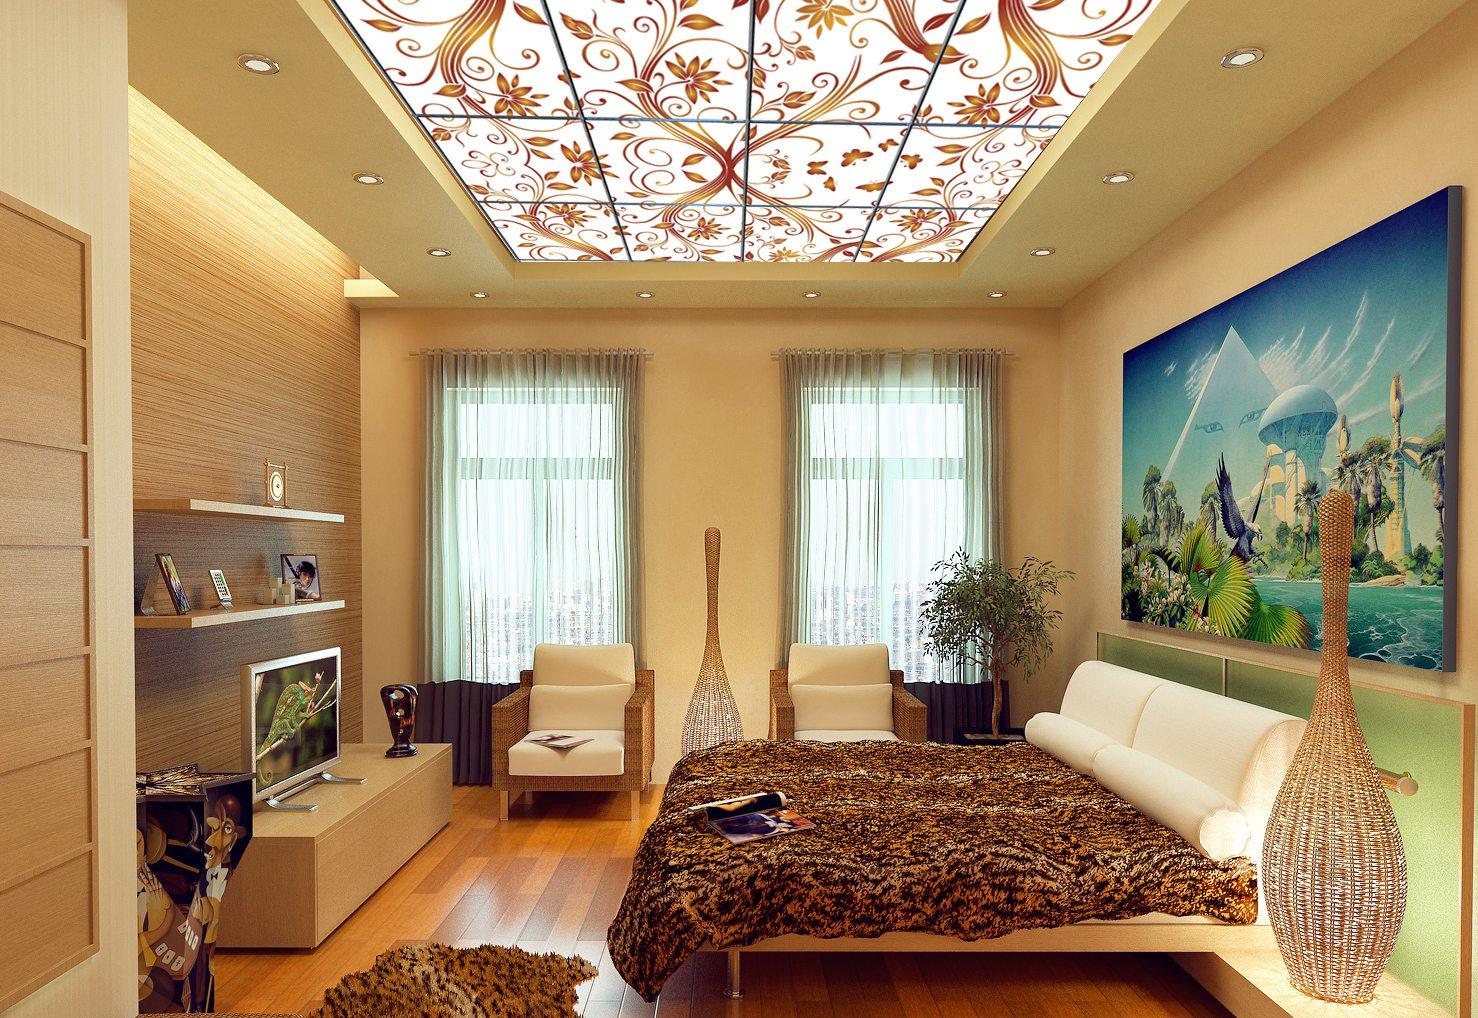 Картинки красивые потолки в квартире